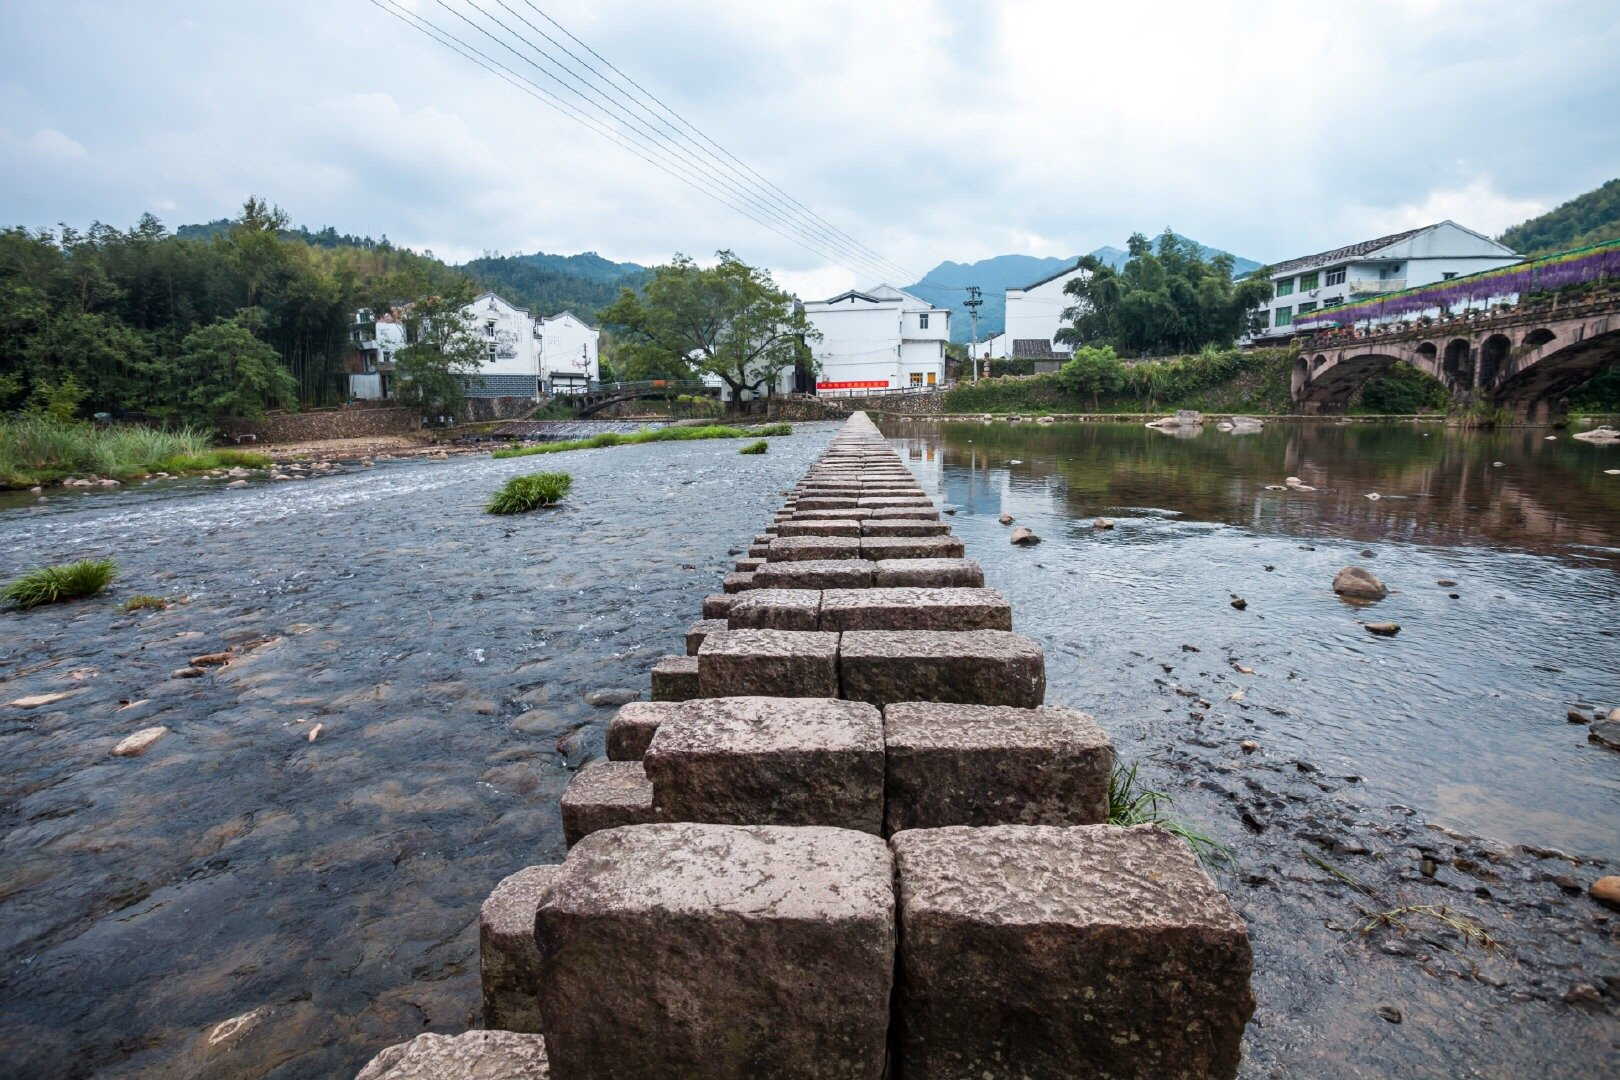 苍南县桥墩镇有个矴步头村,旧时曾是浙南闽北两省三县茶叶集散之地